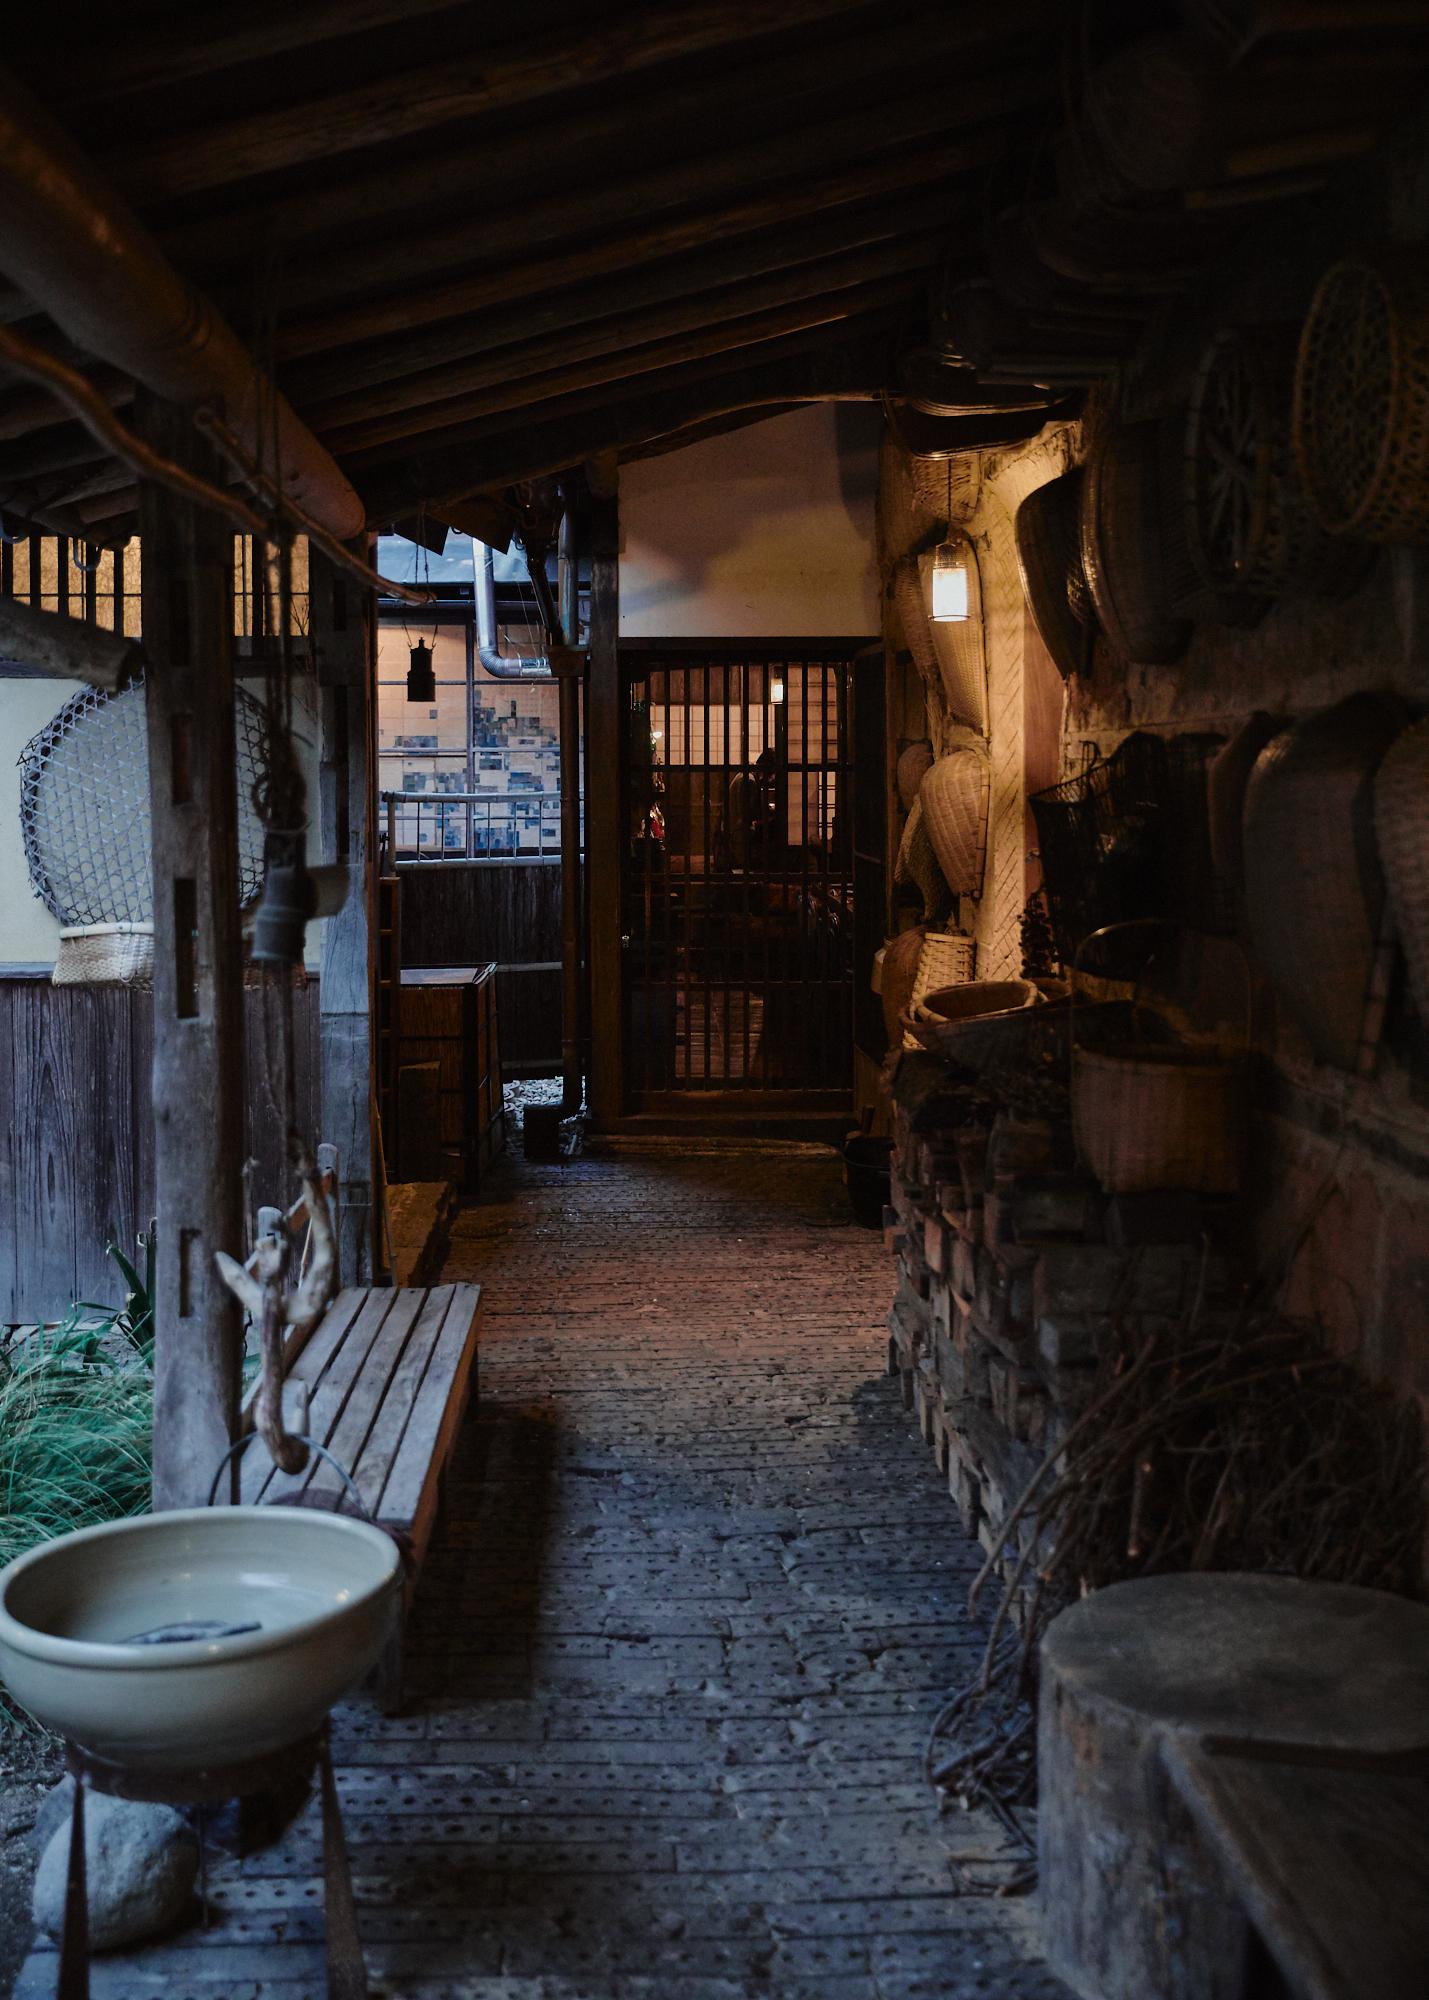 キッチンからお風呂に向かう廊下。